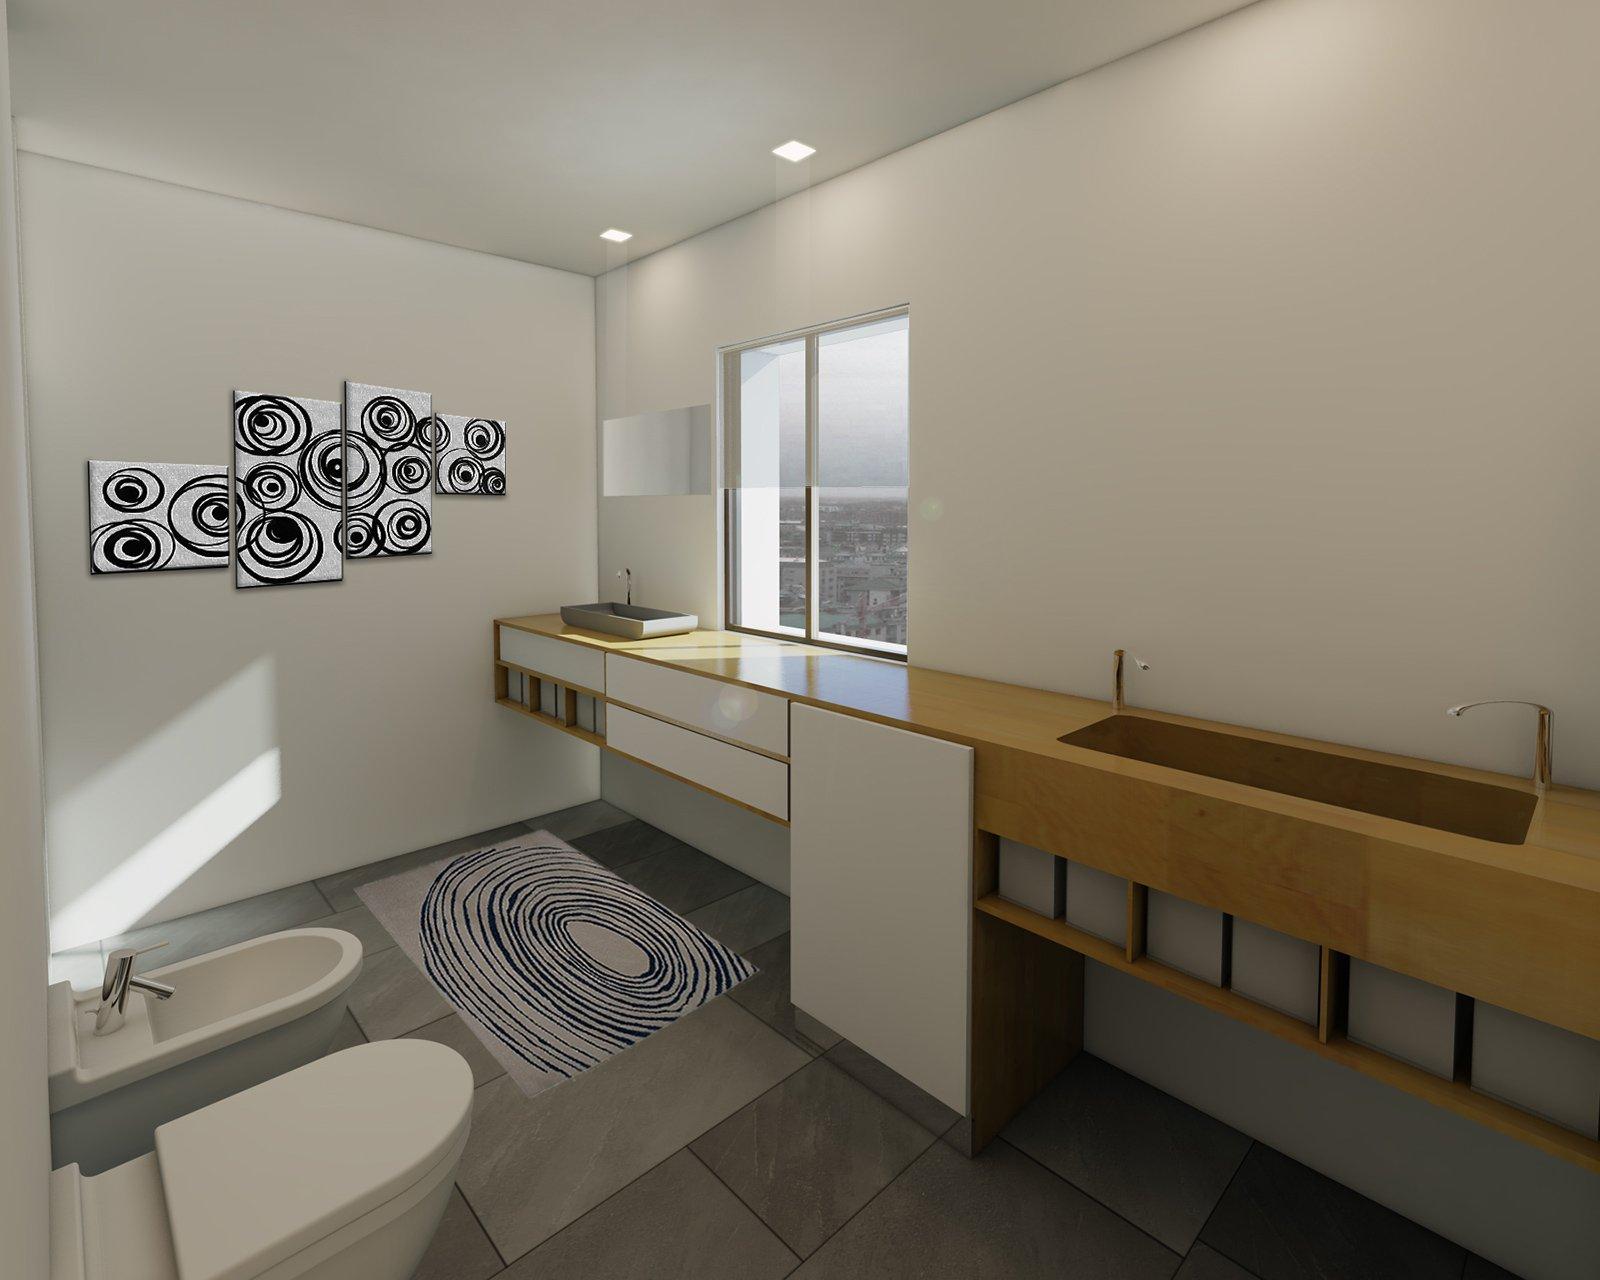 Bagno con zona lavanderia nascosta cose di casa - Lavanderia in bagno ...